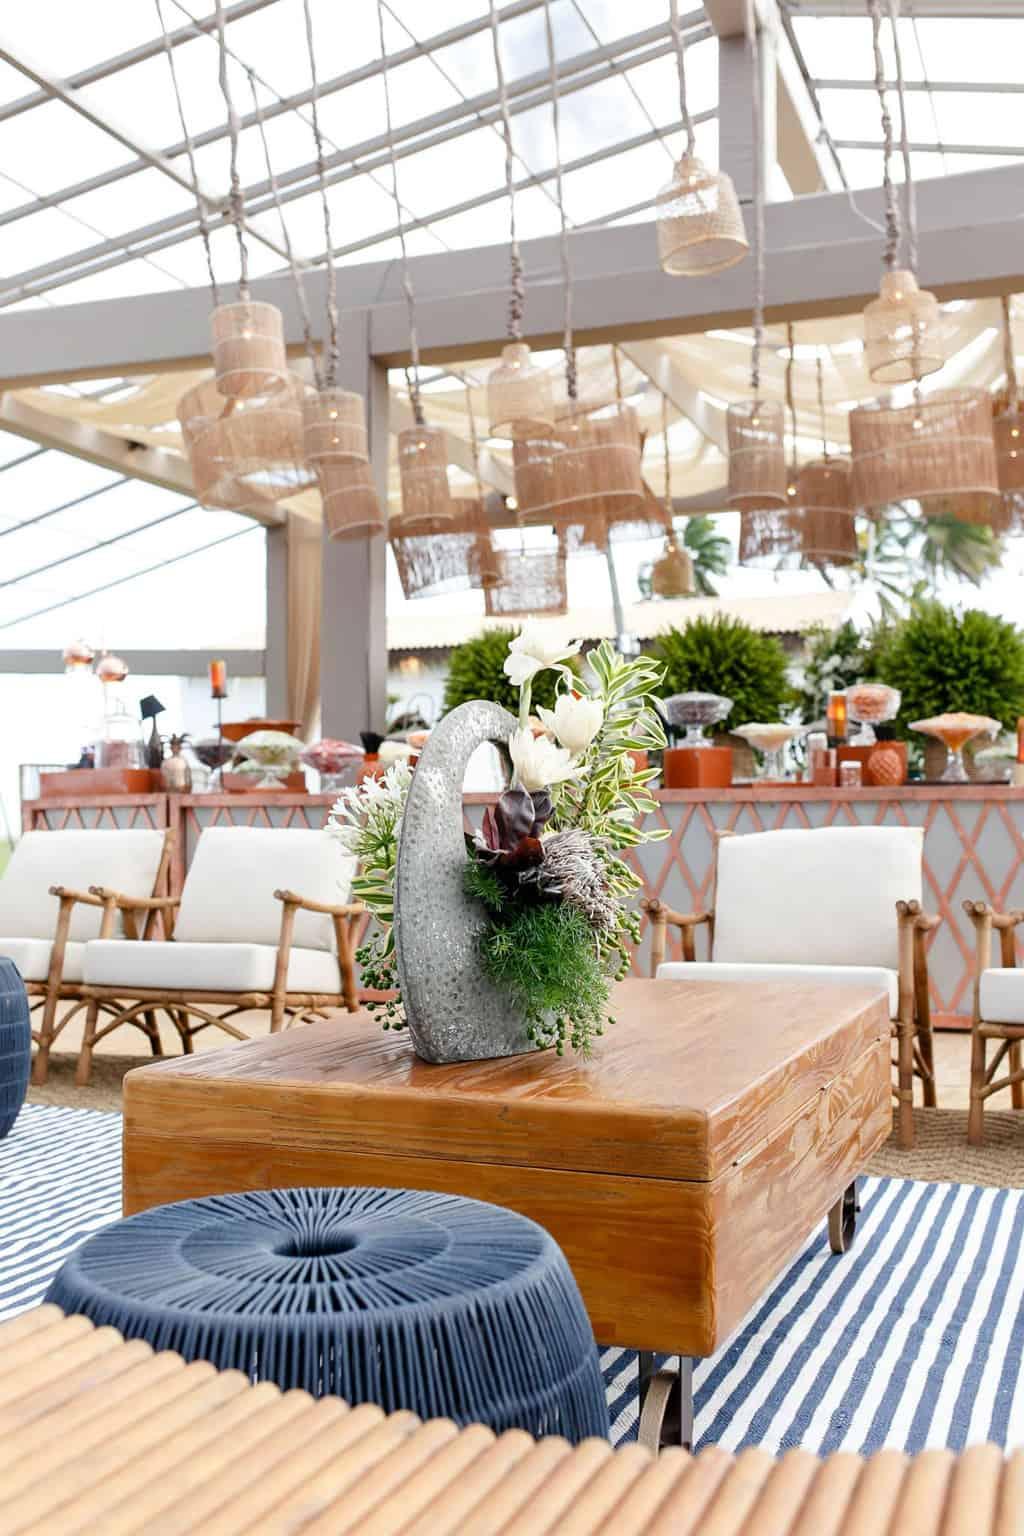 AL-Aline-e-Mauricio-bolo-de-casamento-capela-dos-milagres-casamento-casamento-na-praia-decoracao-de-casamento15-1